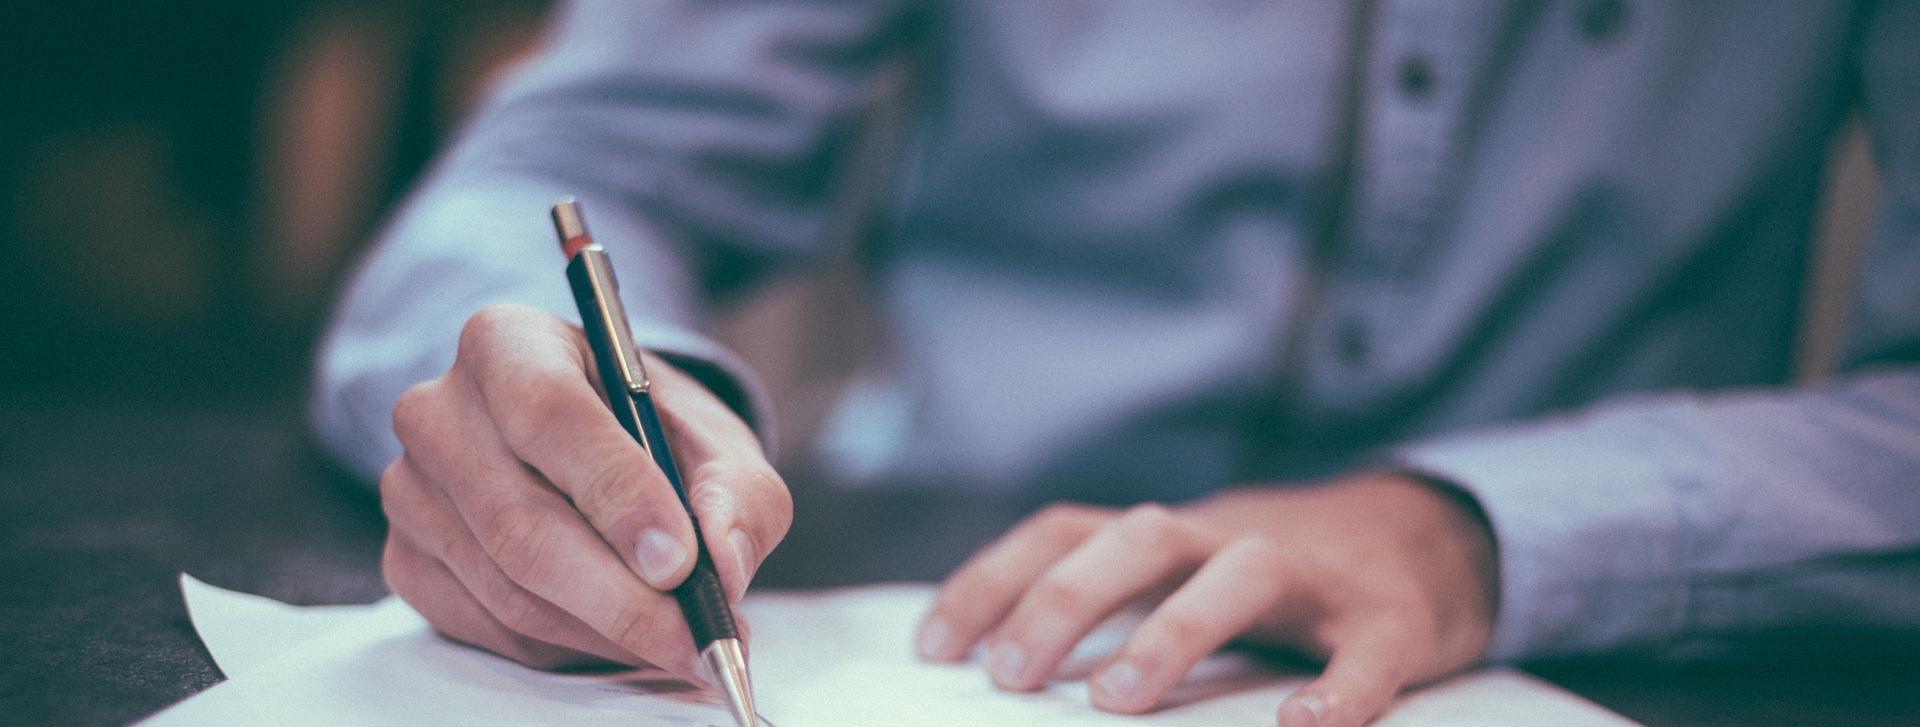 Klausurtipps Klausur Tipps Jura Lernplan - JURALERNPLAN Jura Lernplan Studium Examen